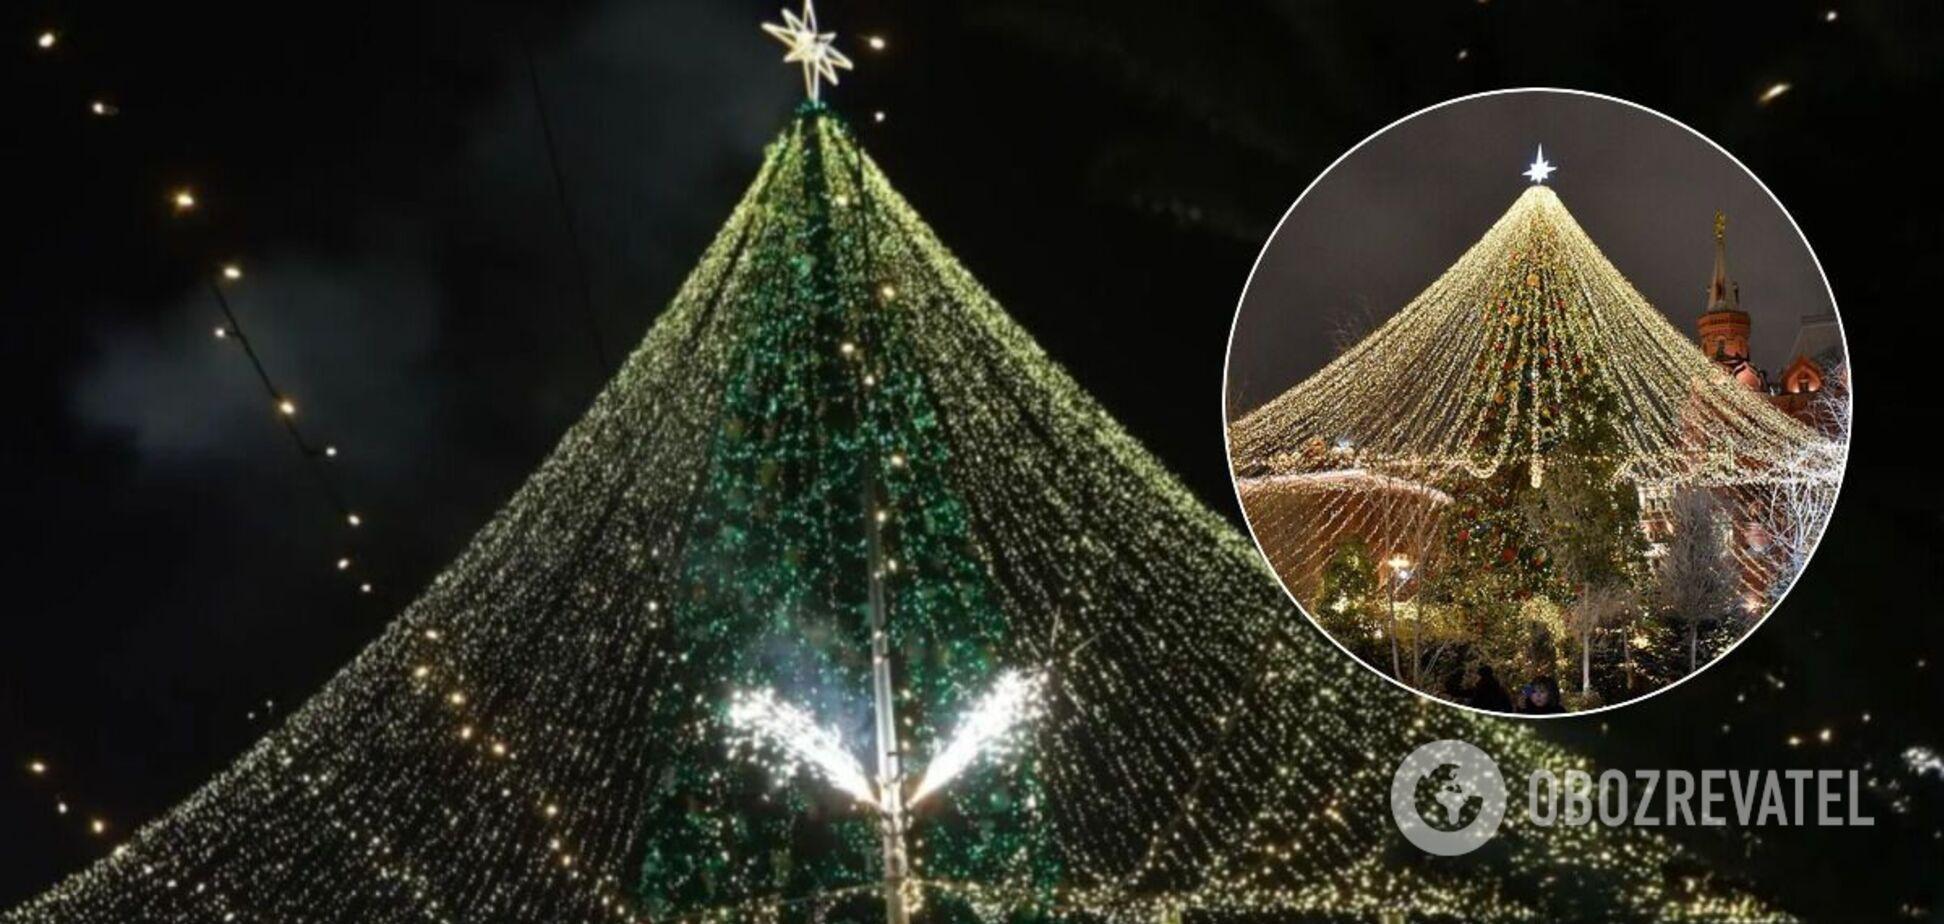 Украинцы в сети устроили 'зраду' из-за главной елки страны